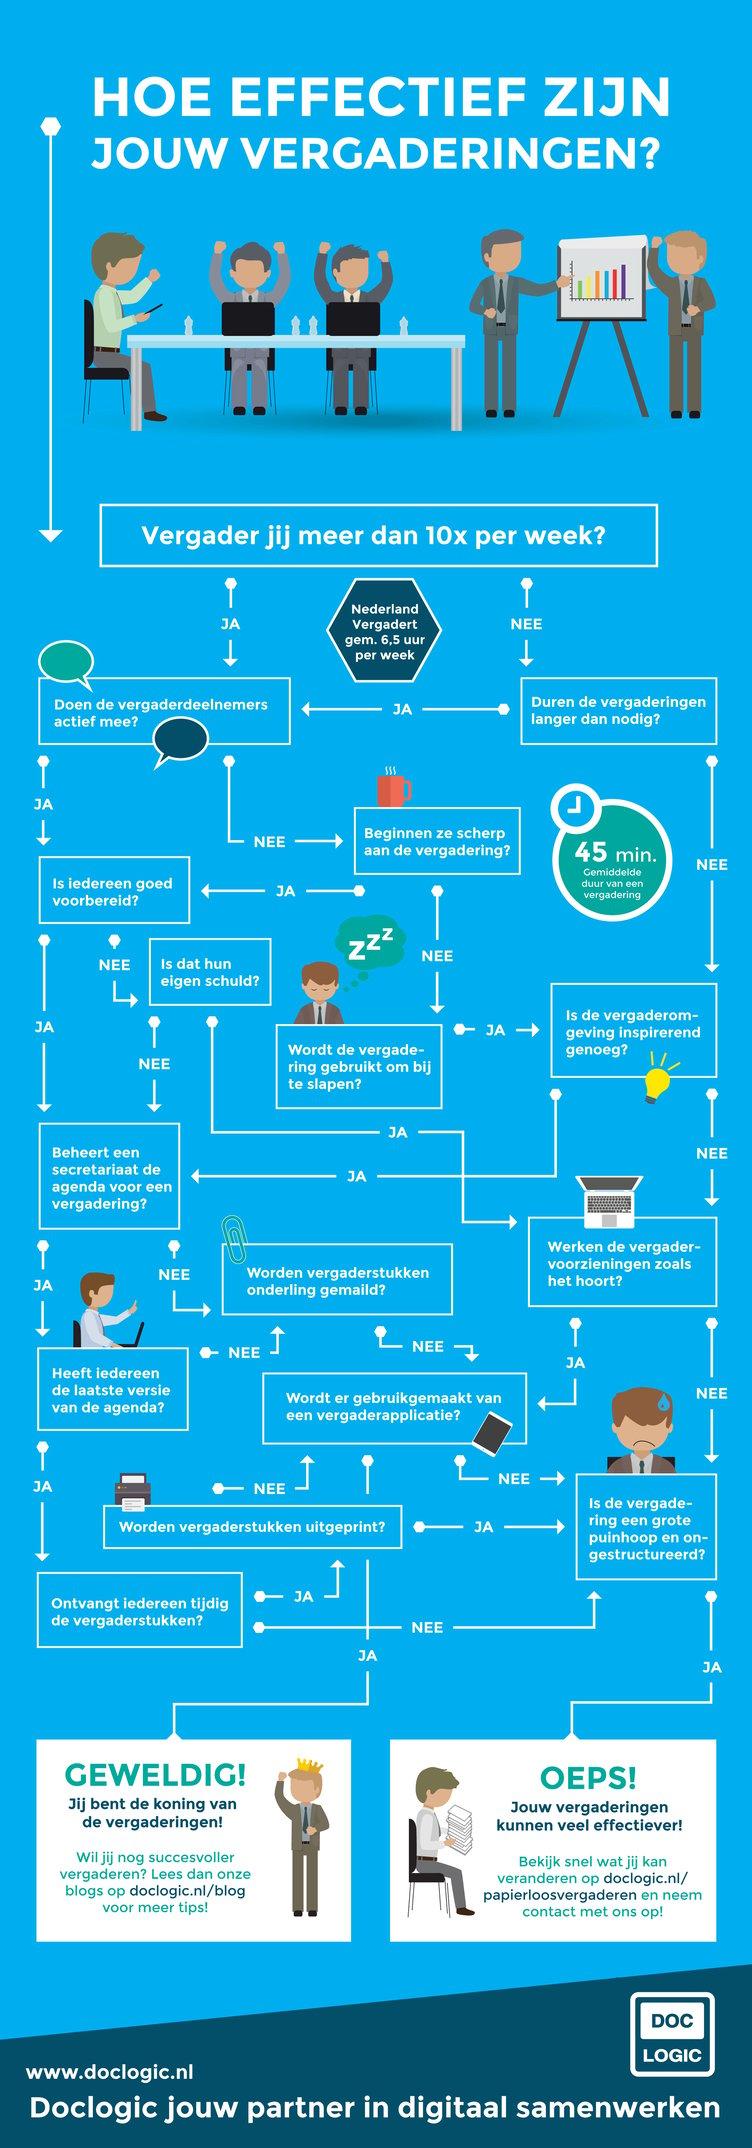 Hoe-effectief-zijn-jouw-vergaderingen-infographic.png